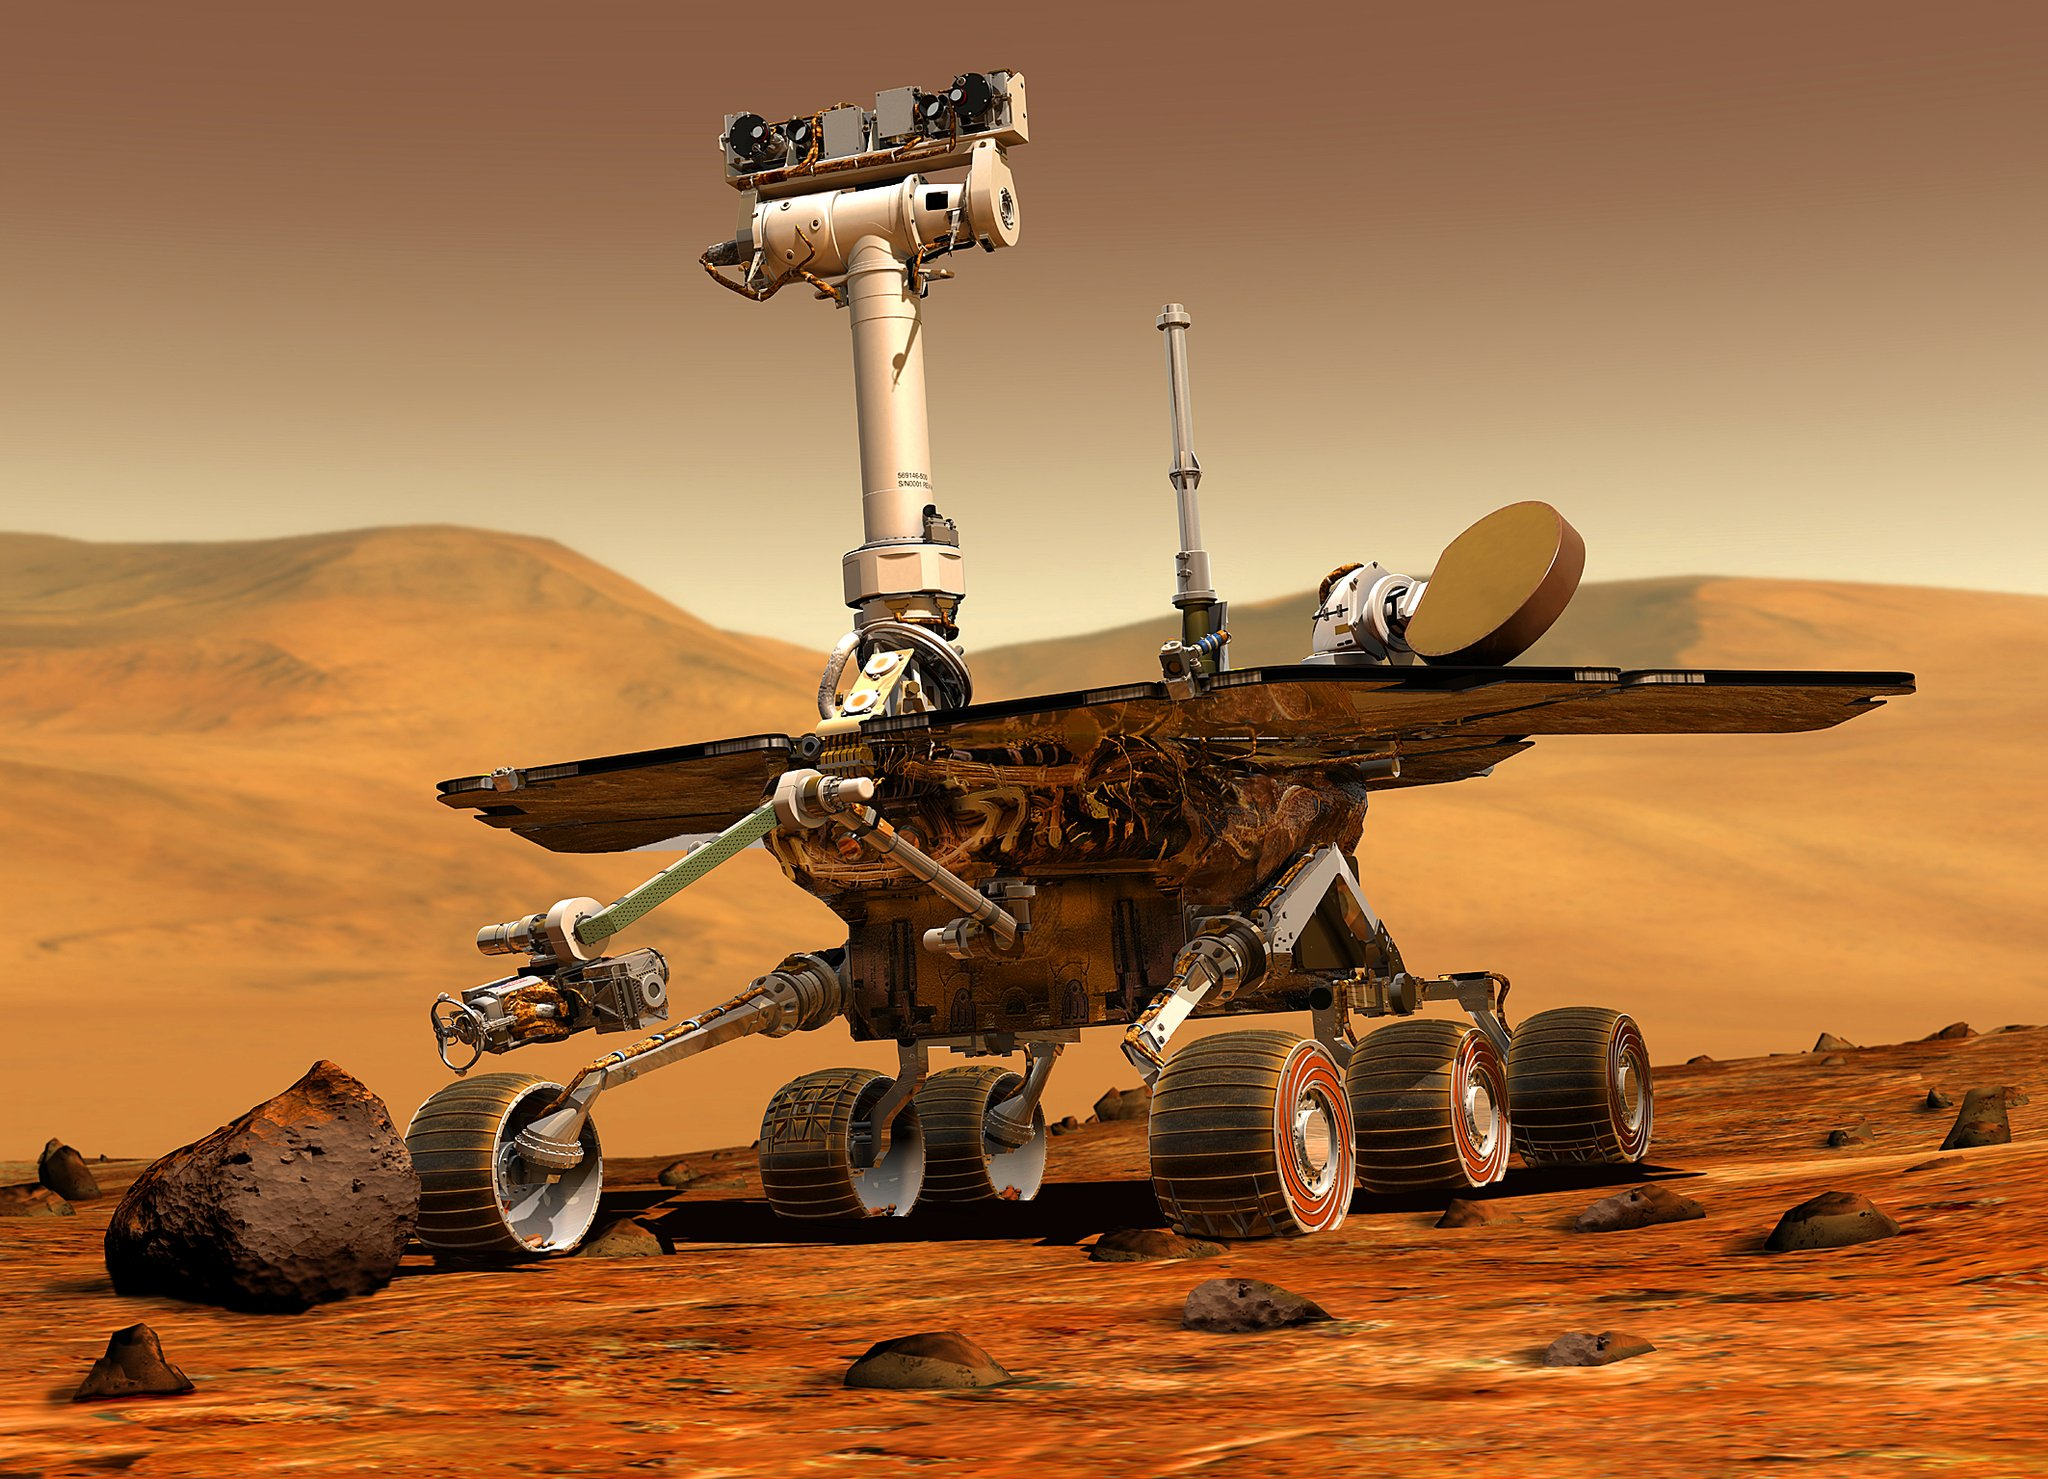 El astromóvil Opportunity en Marte